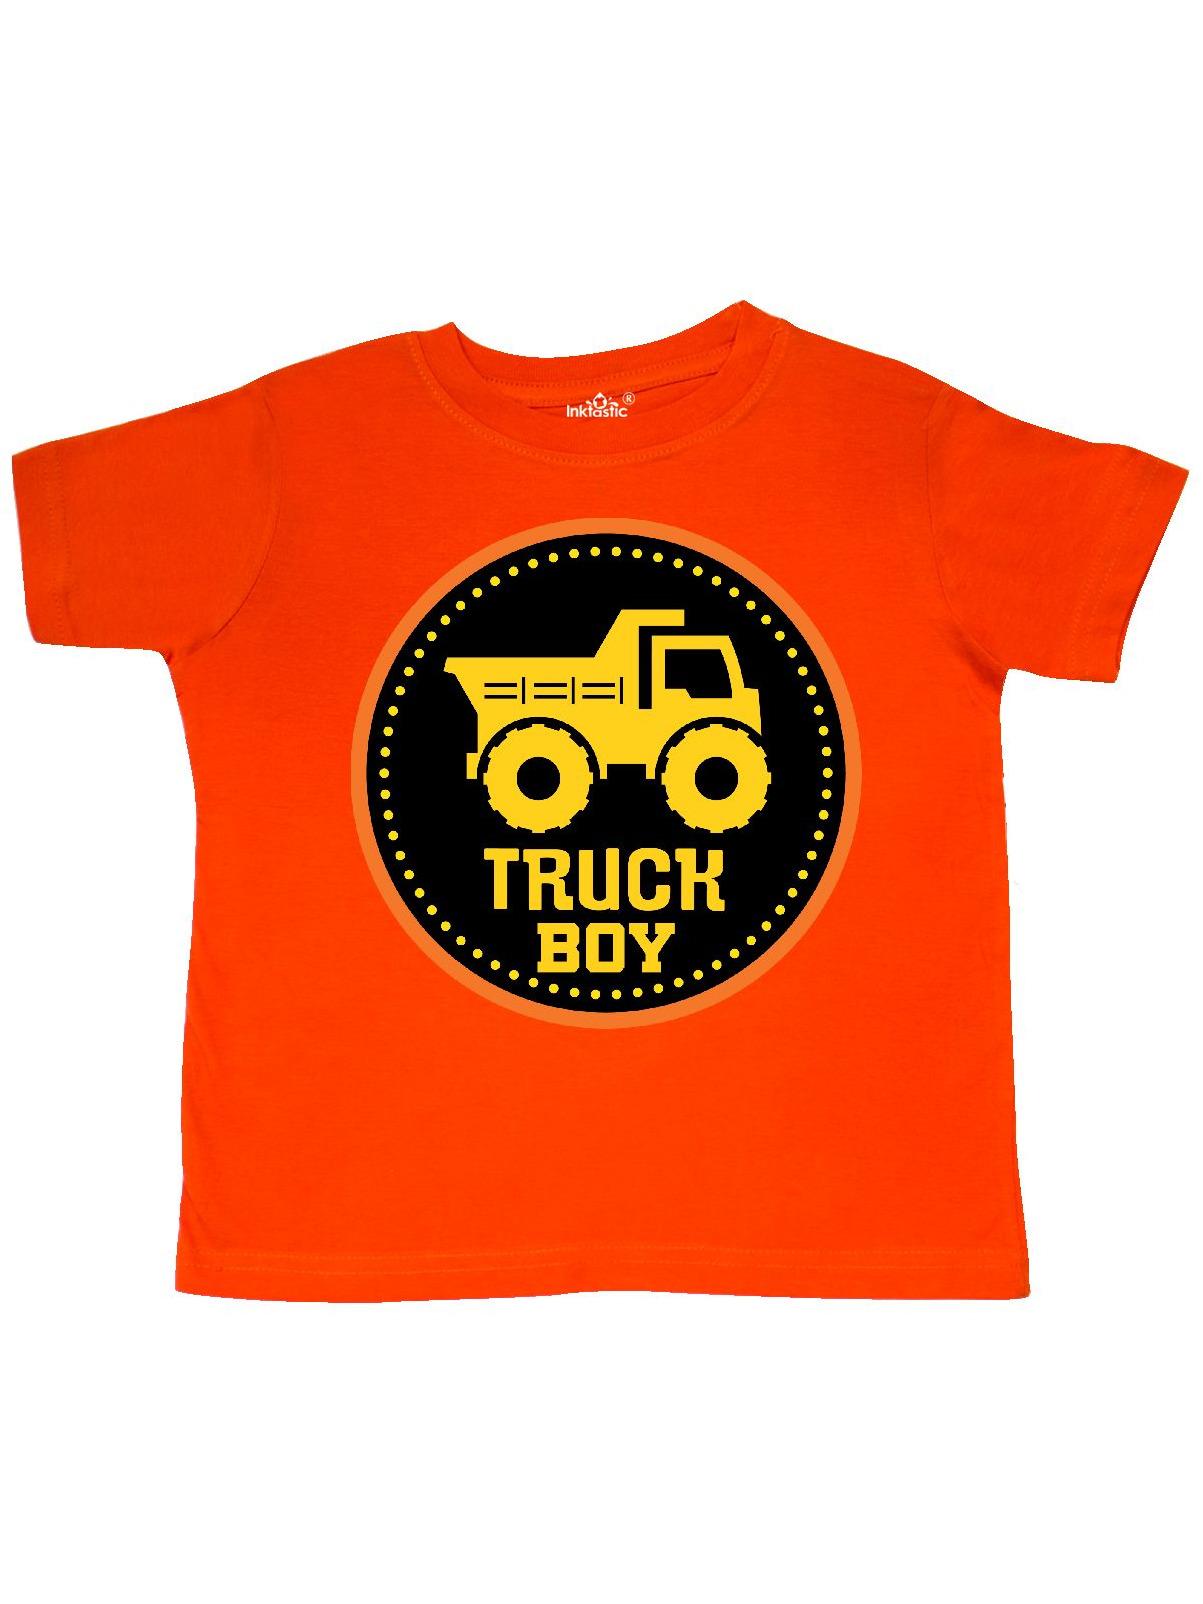 Construction Truck Boy Childs Toddler T-Shirt